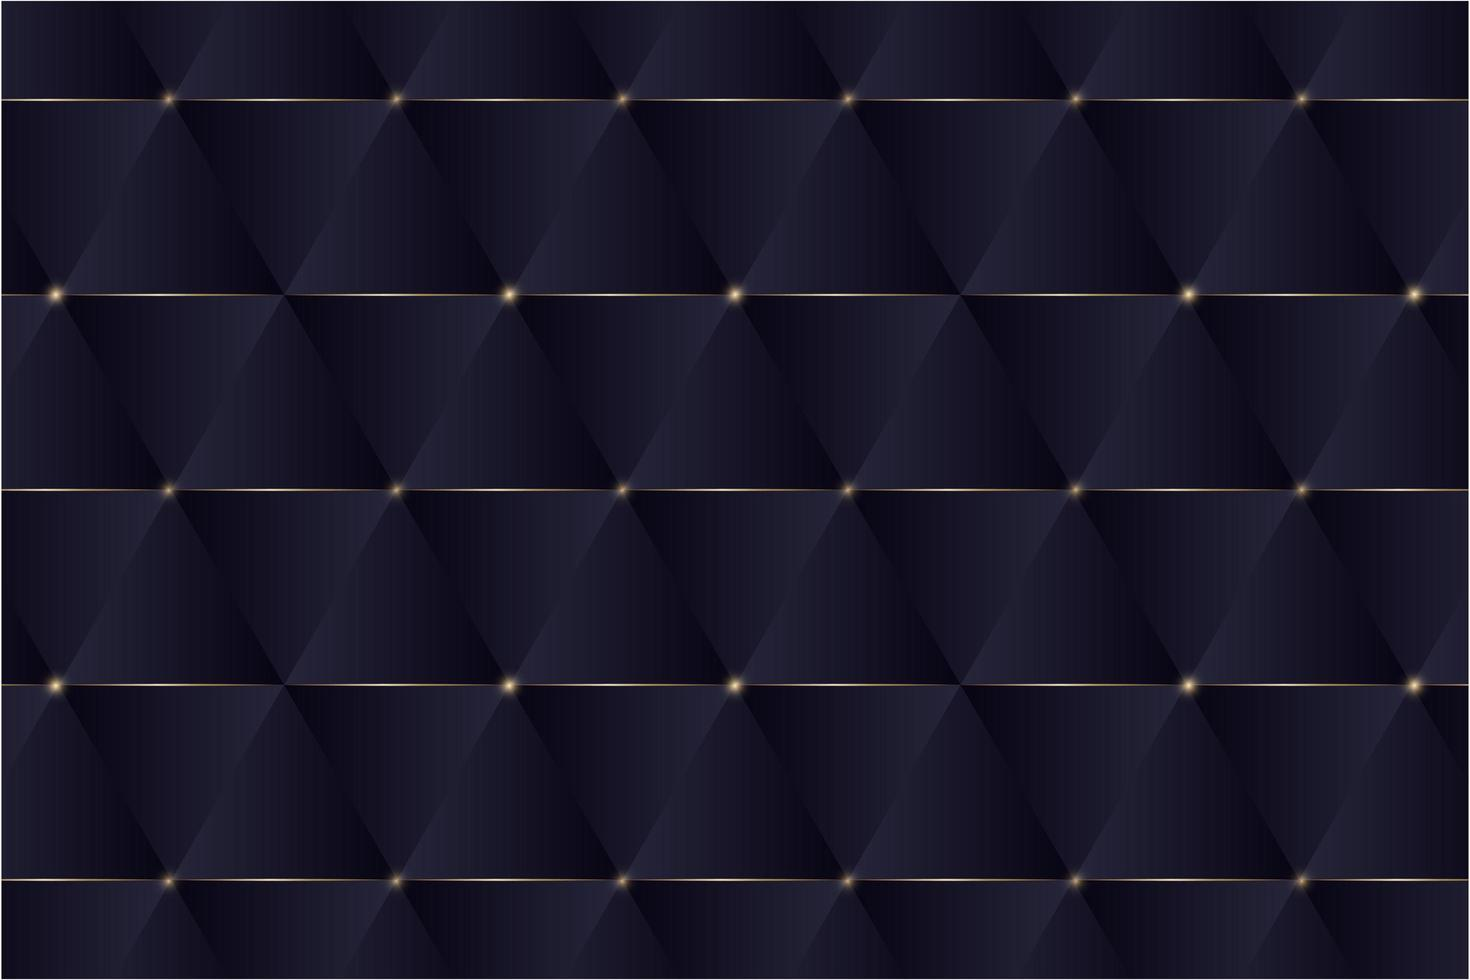 blaues Dreieck und goldenes Linien modernes Design. vektor